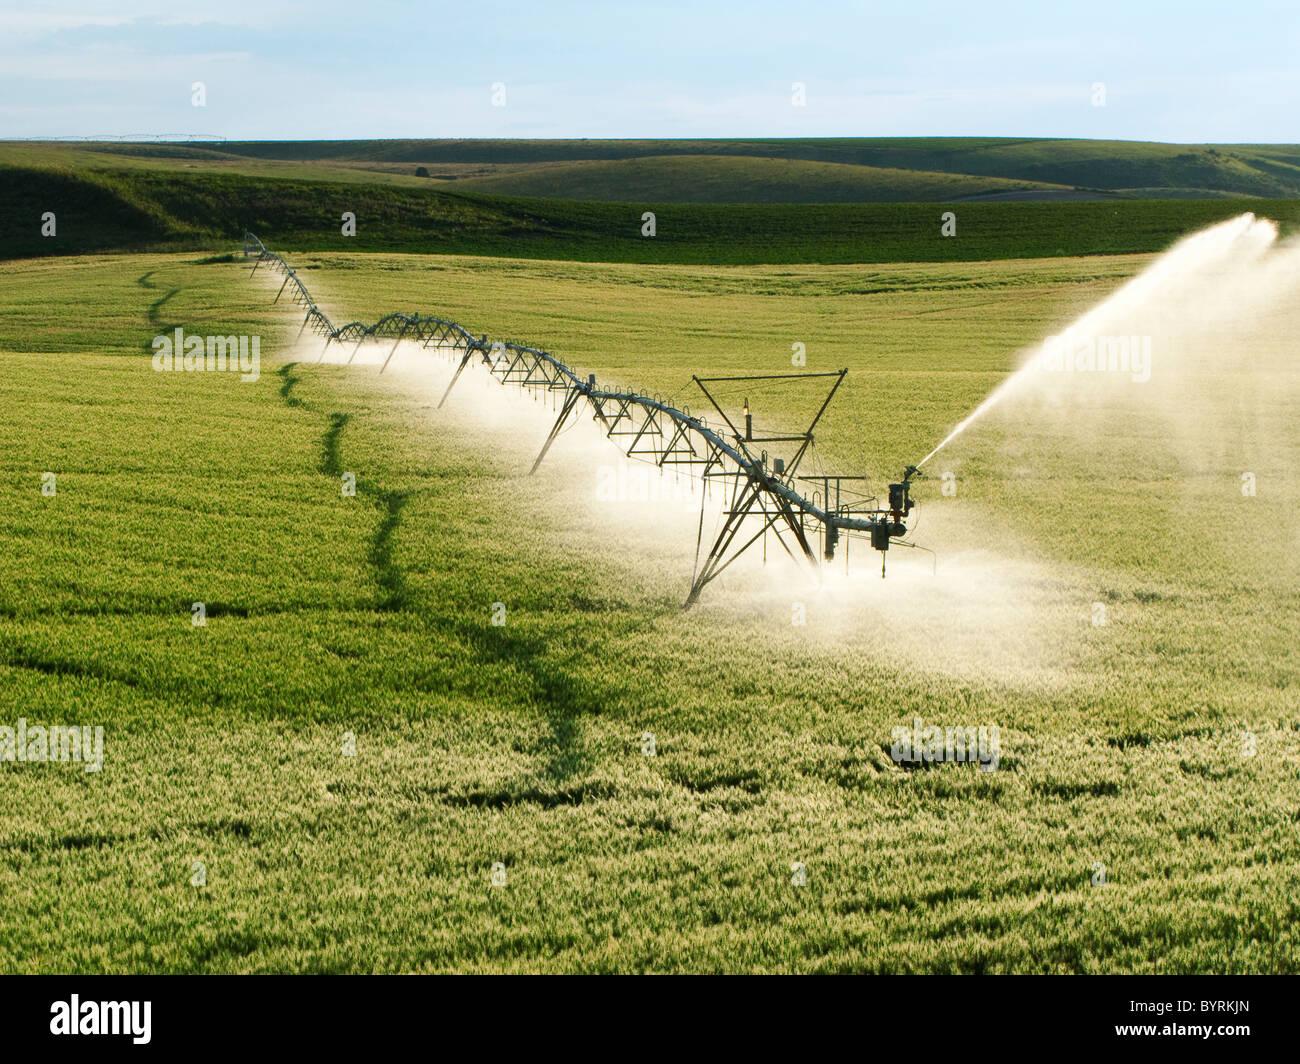 Landwirtschaft - Center Pivot Bewässerung-Betriebssystem auf einem grünen Getreidefeld / Idaho, USA. Stockbild